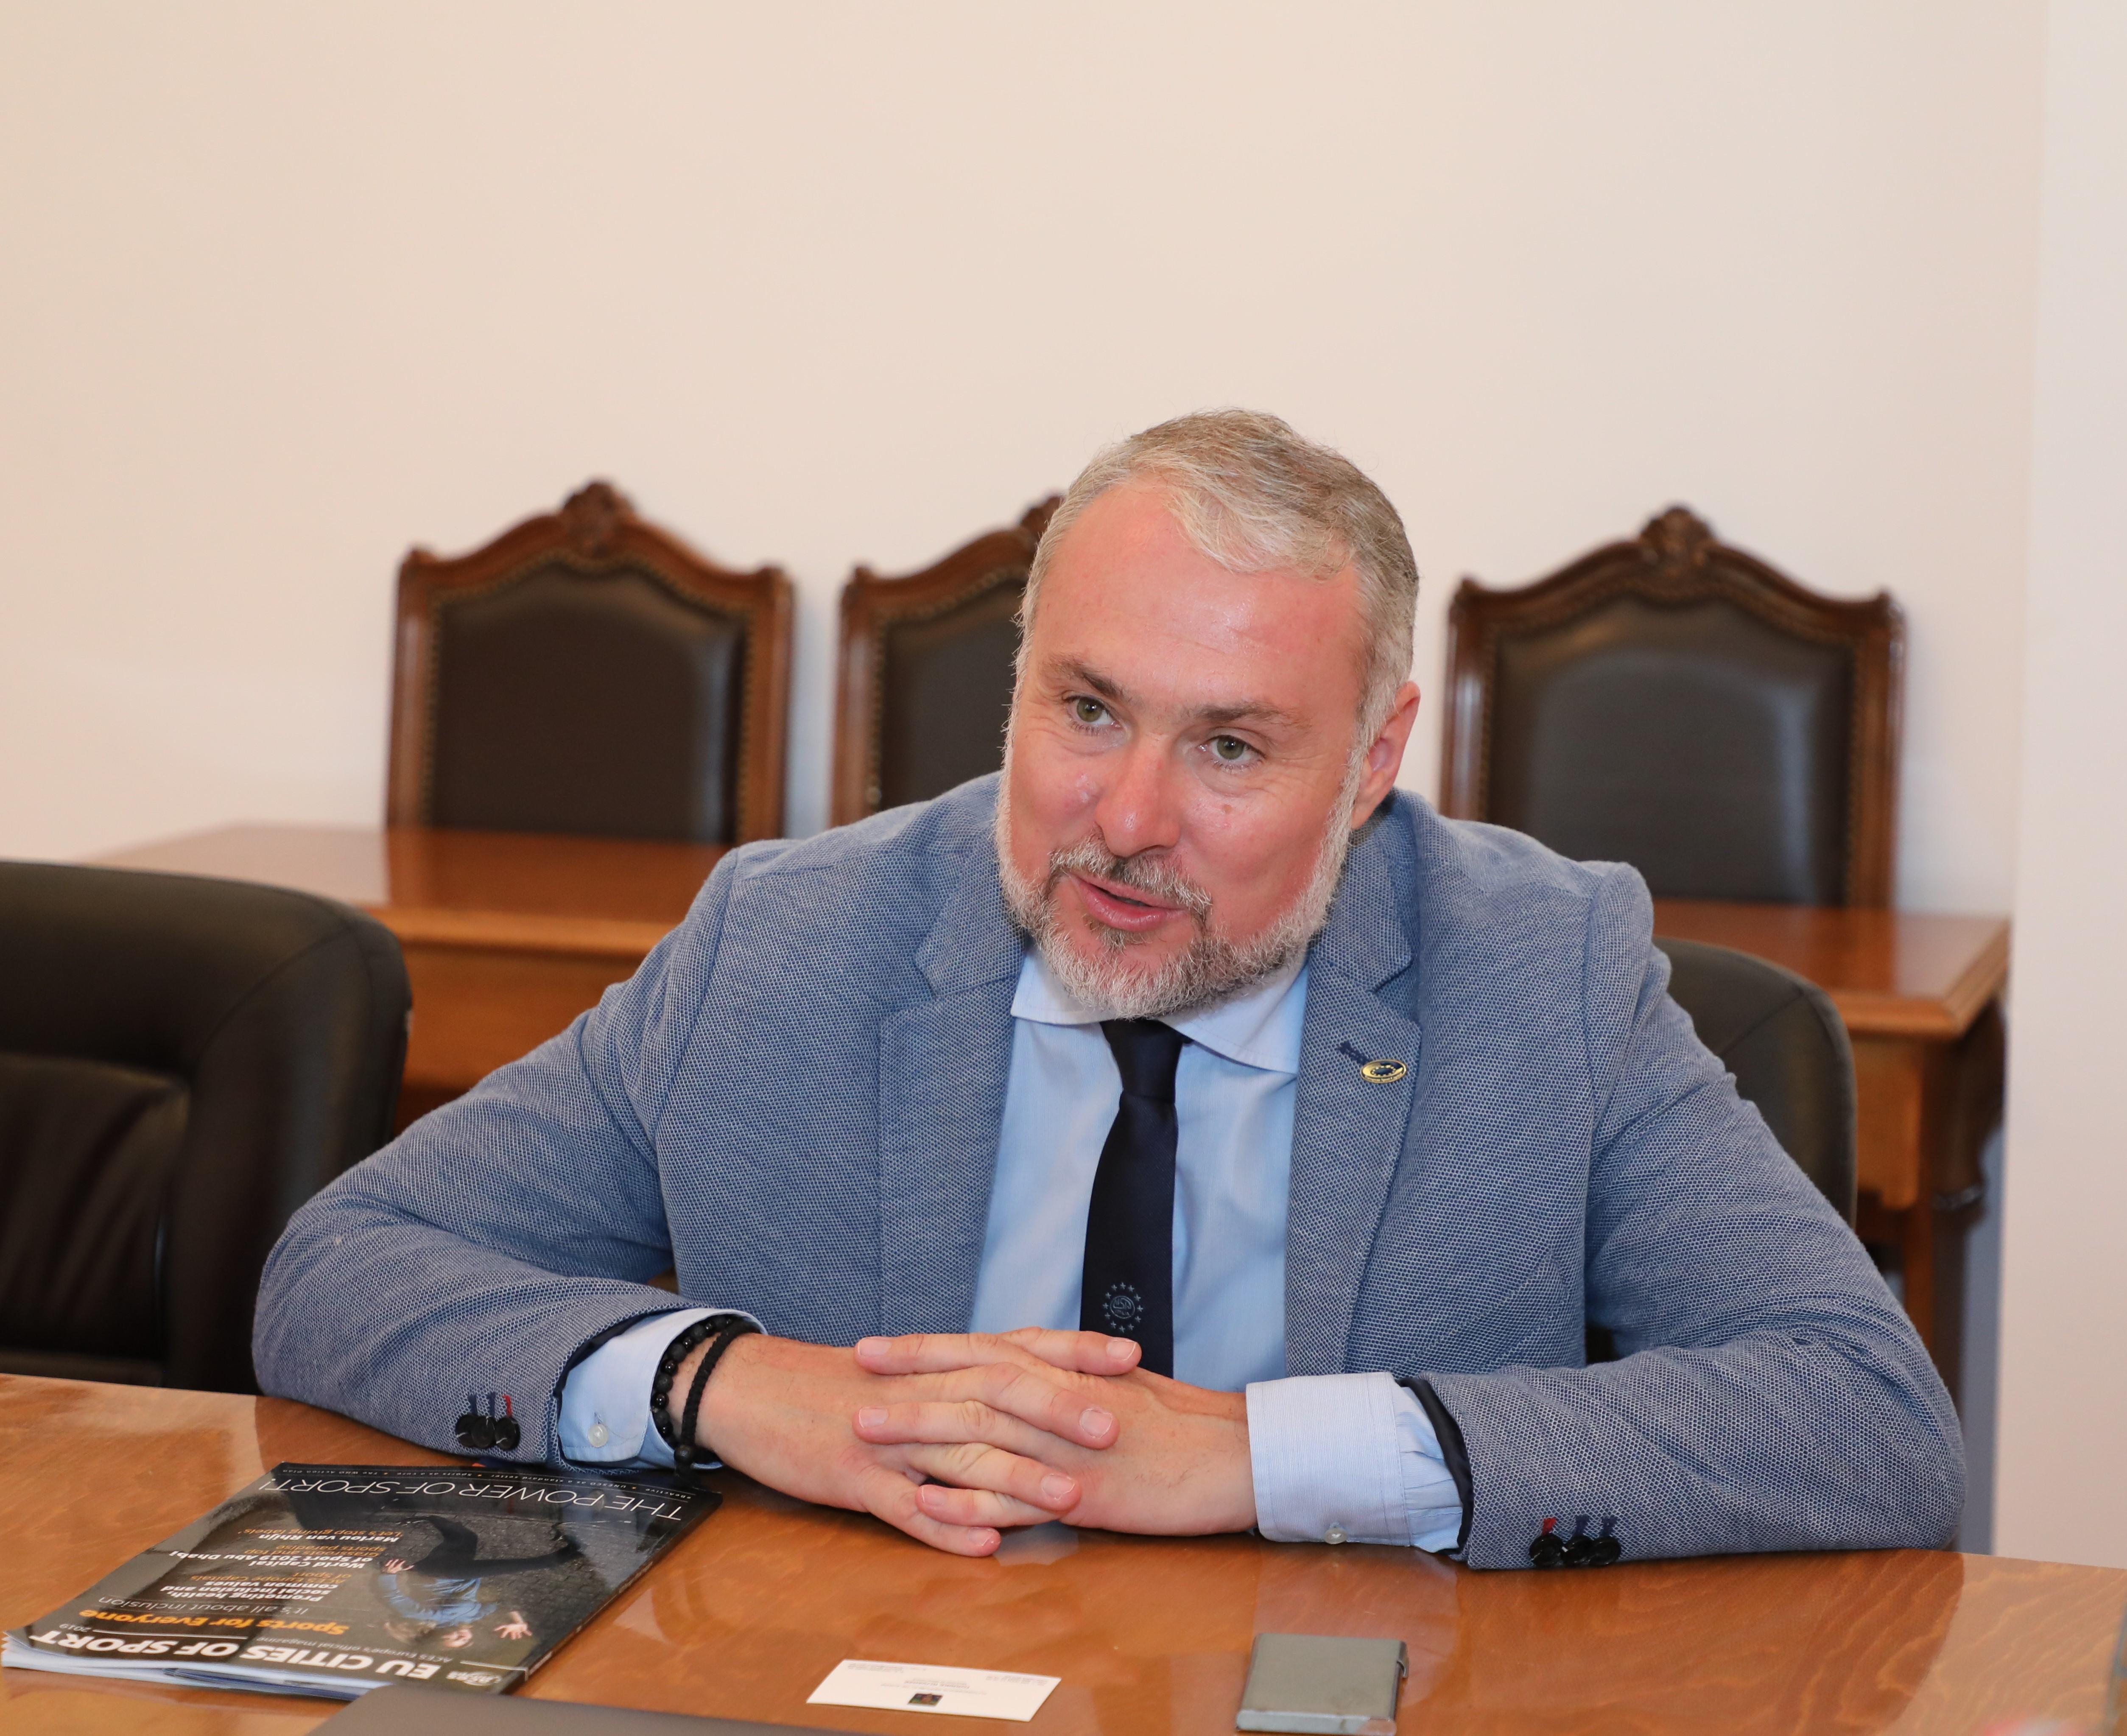 აჭარას შესაძლოა ევროპის სპორტის რეგიონის სტატუსი მიენიჭოს